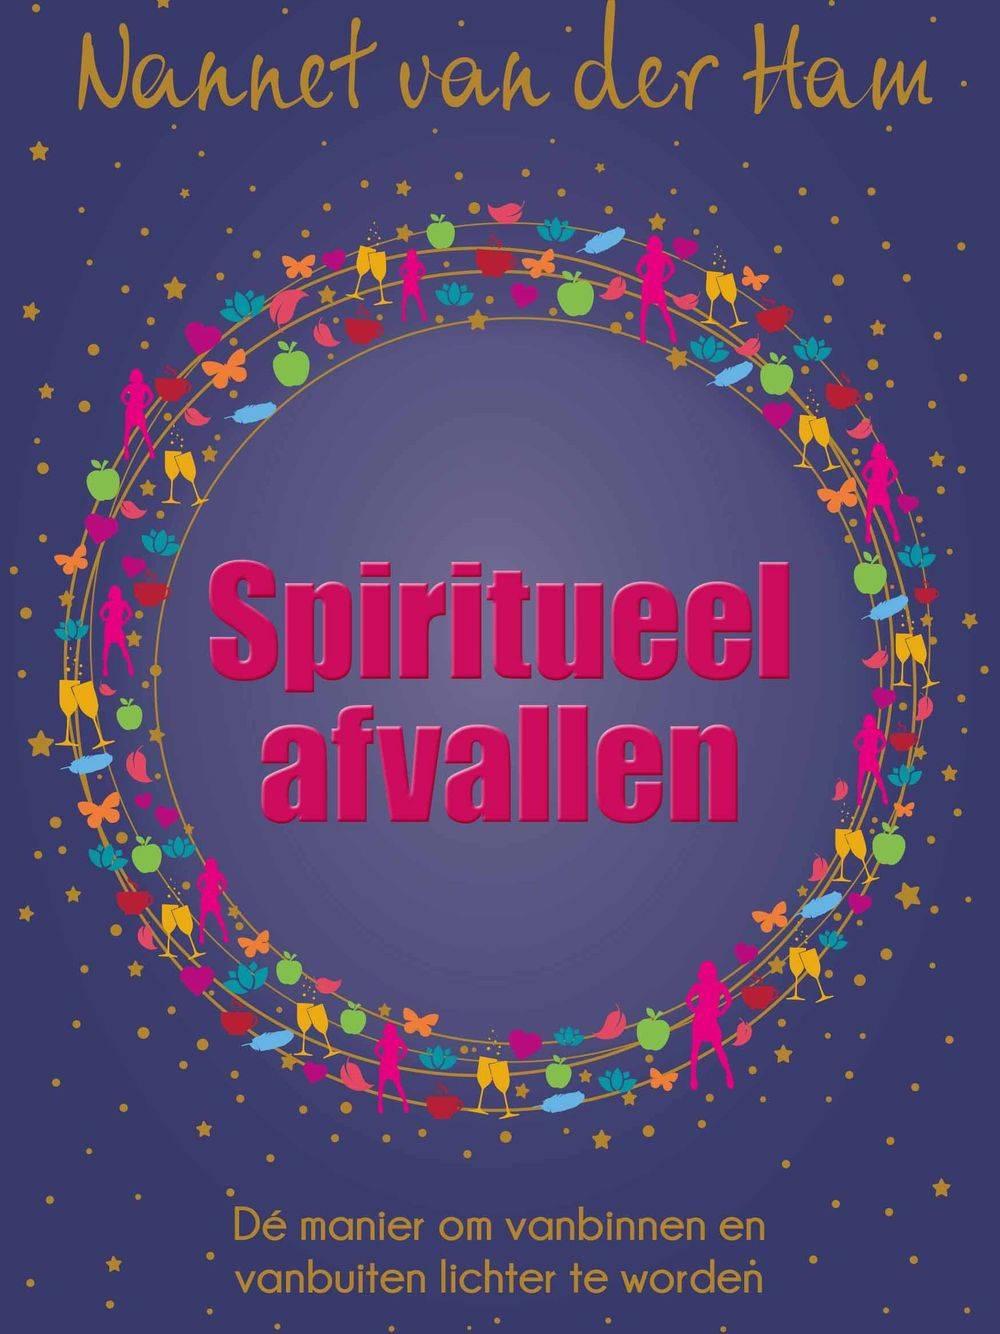 Reset Jezelf! Nannet van der Ham Spiritueel afvallen Pilates Puur en Kuur retreats